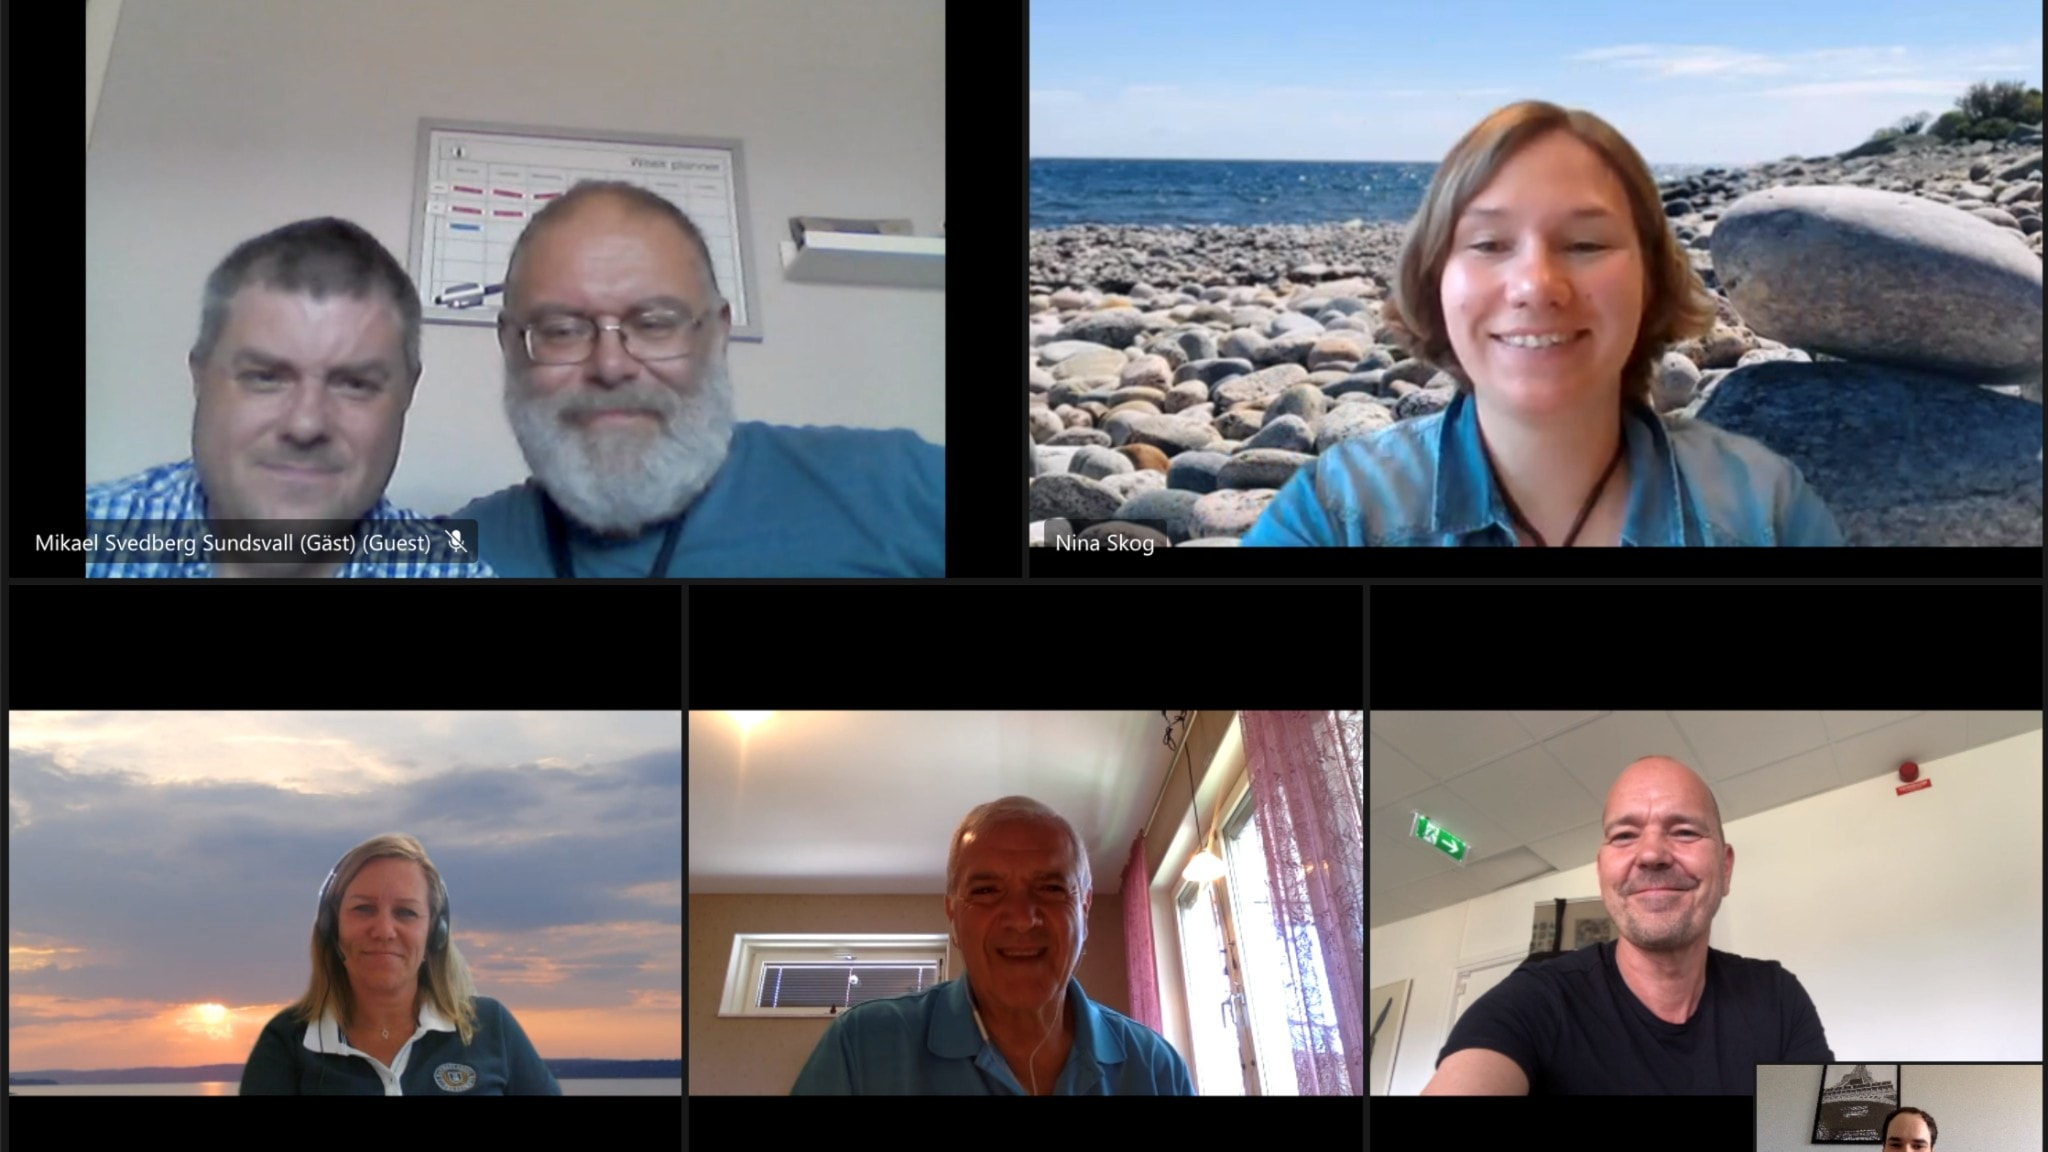 En bild på personer framför dataskärmar, från arbetsgruppens digitala möte.